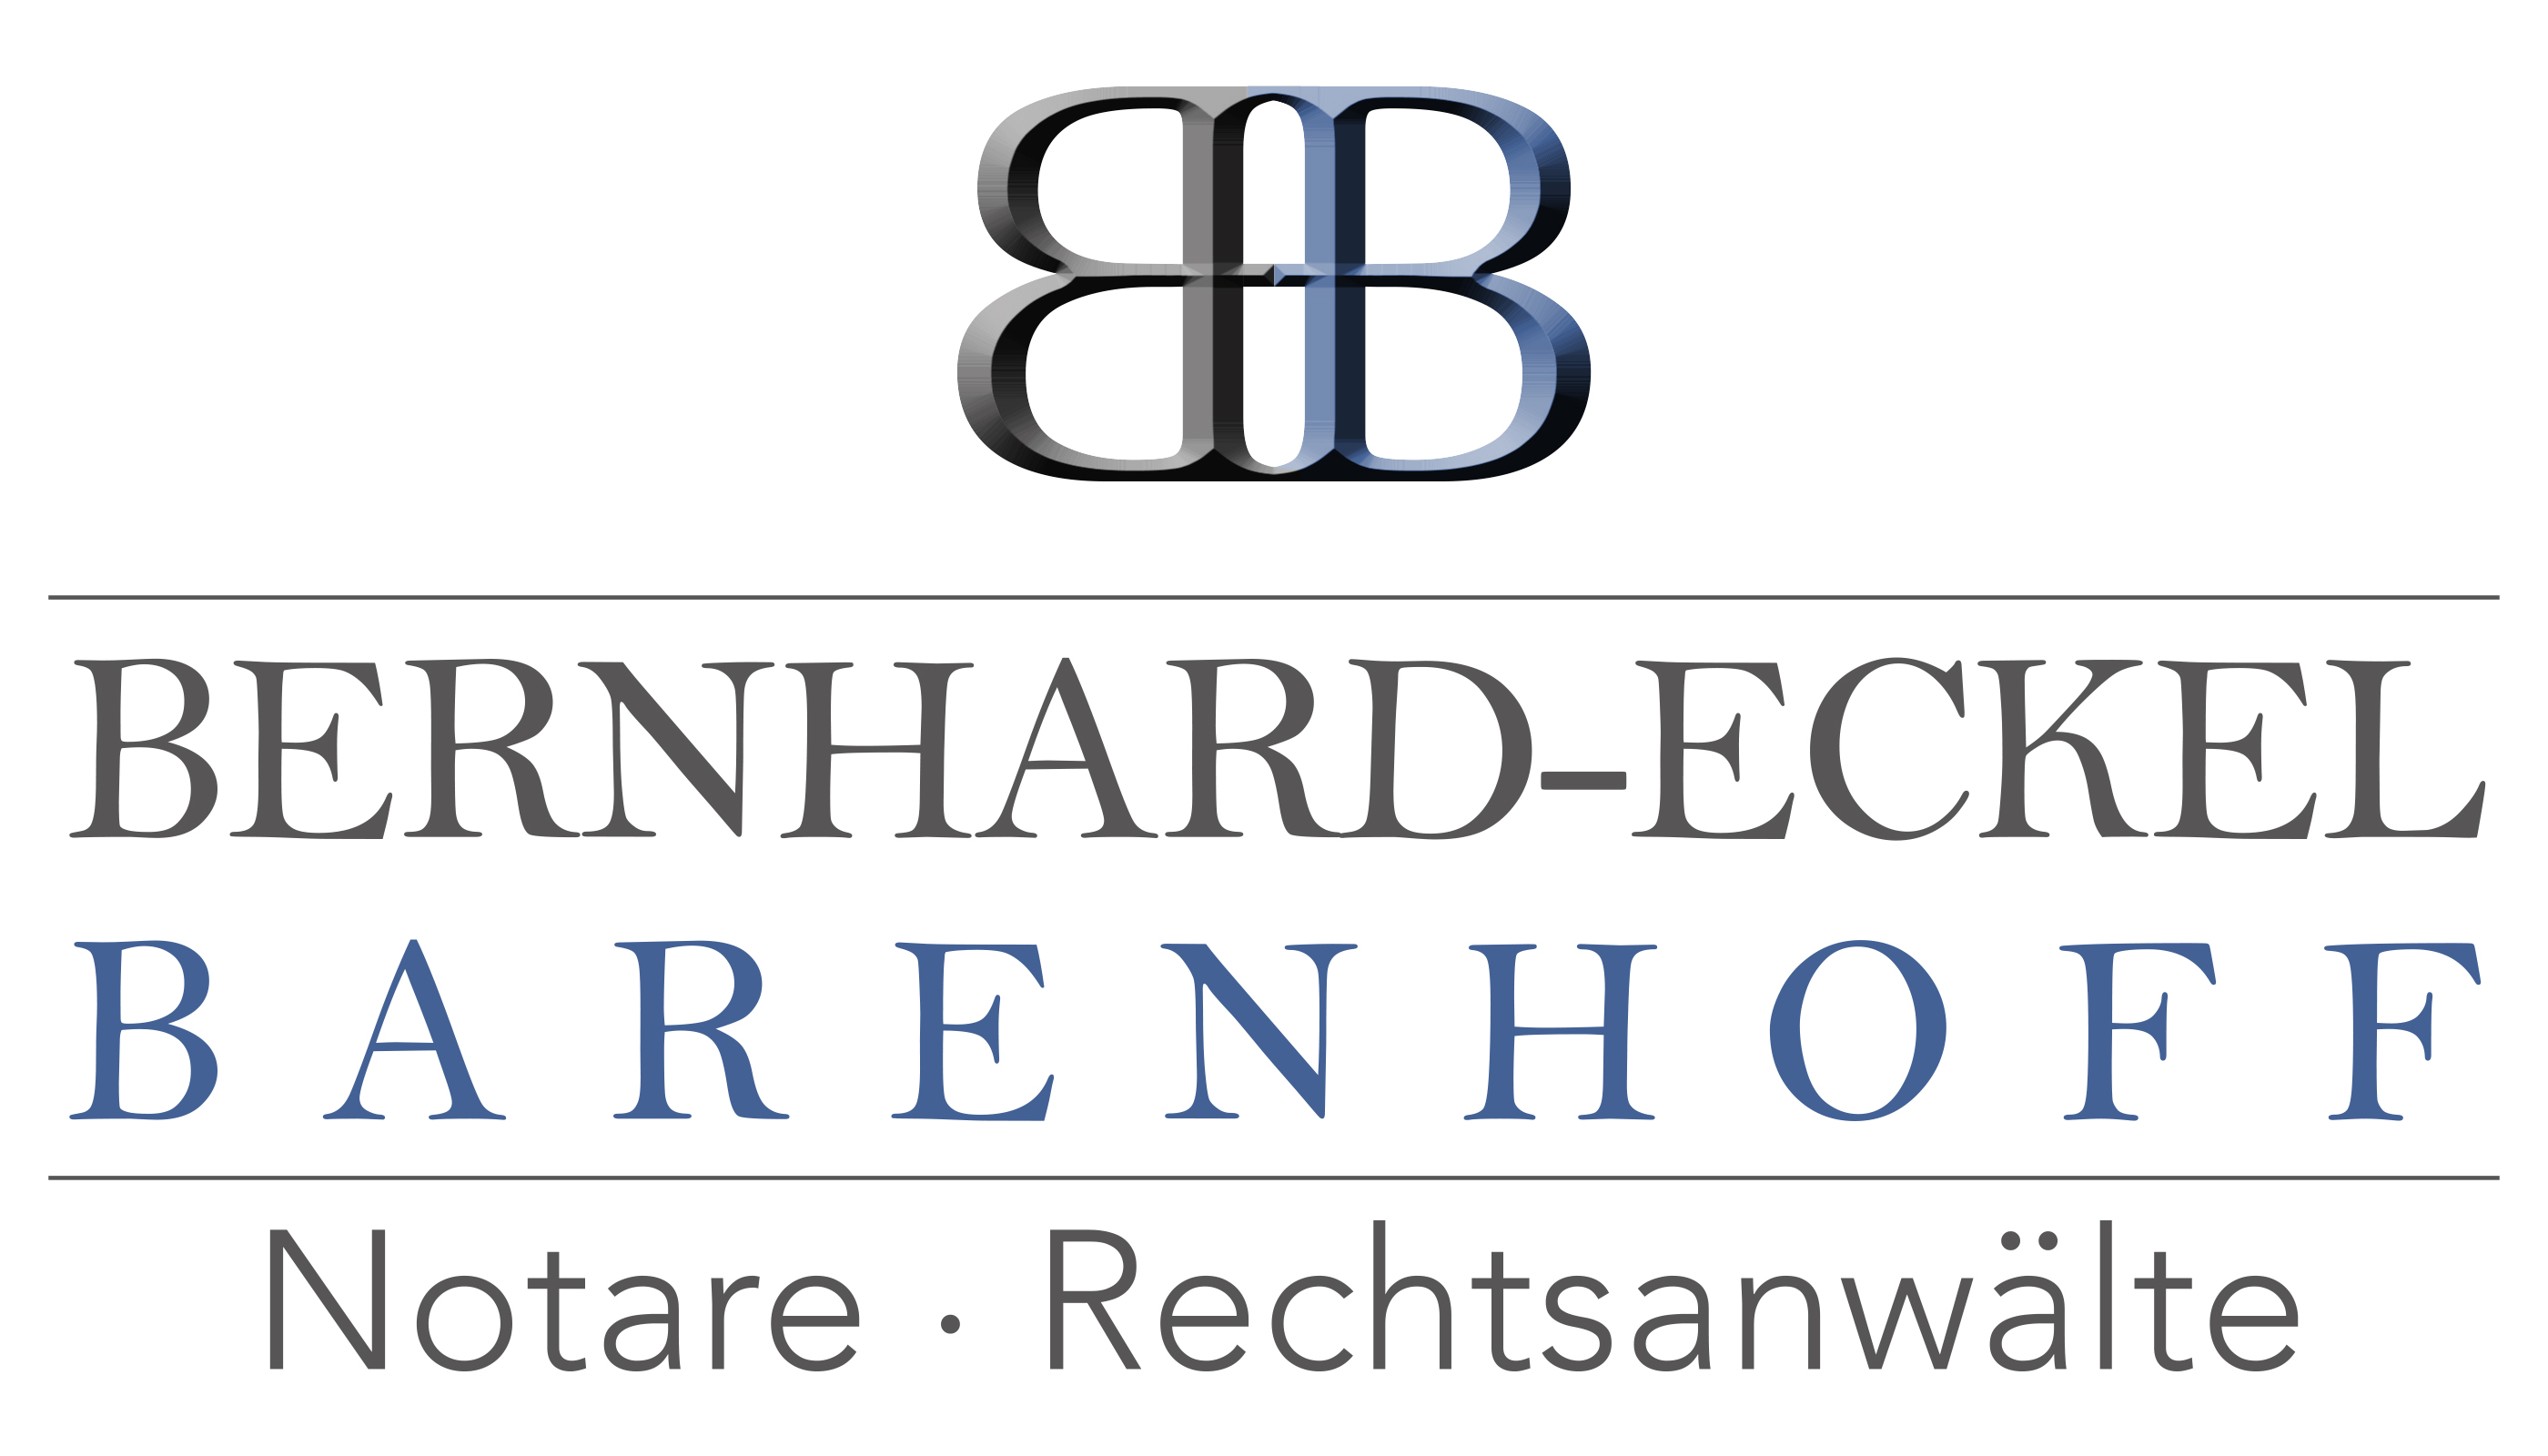 BB Bernhard-Eckel Barenhoff Notare Rechtsanwälte